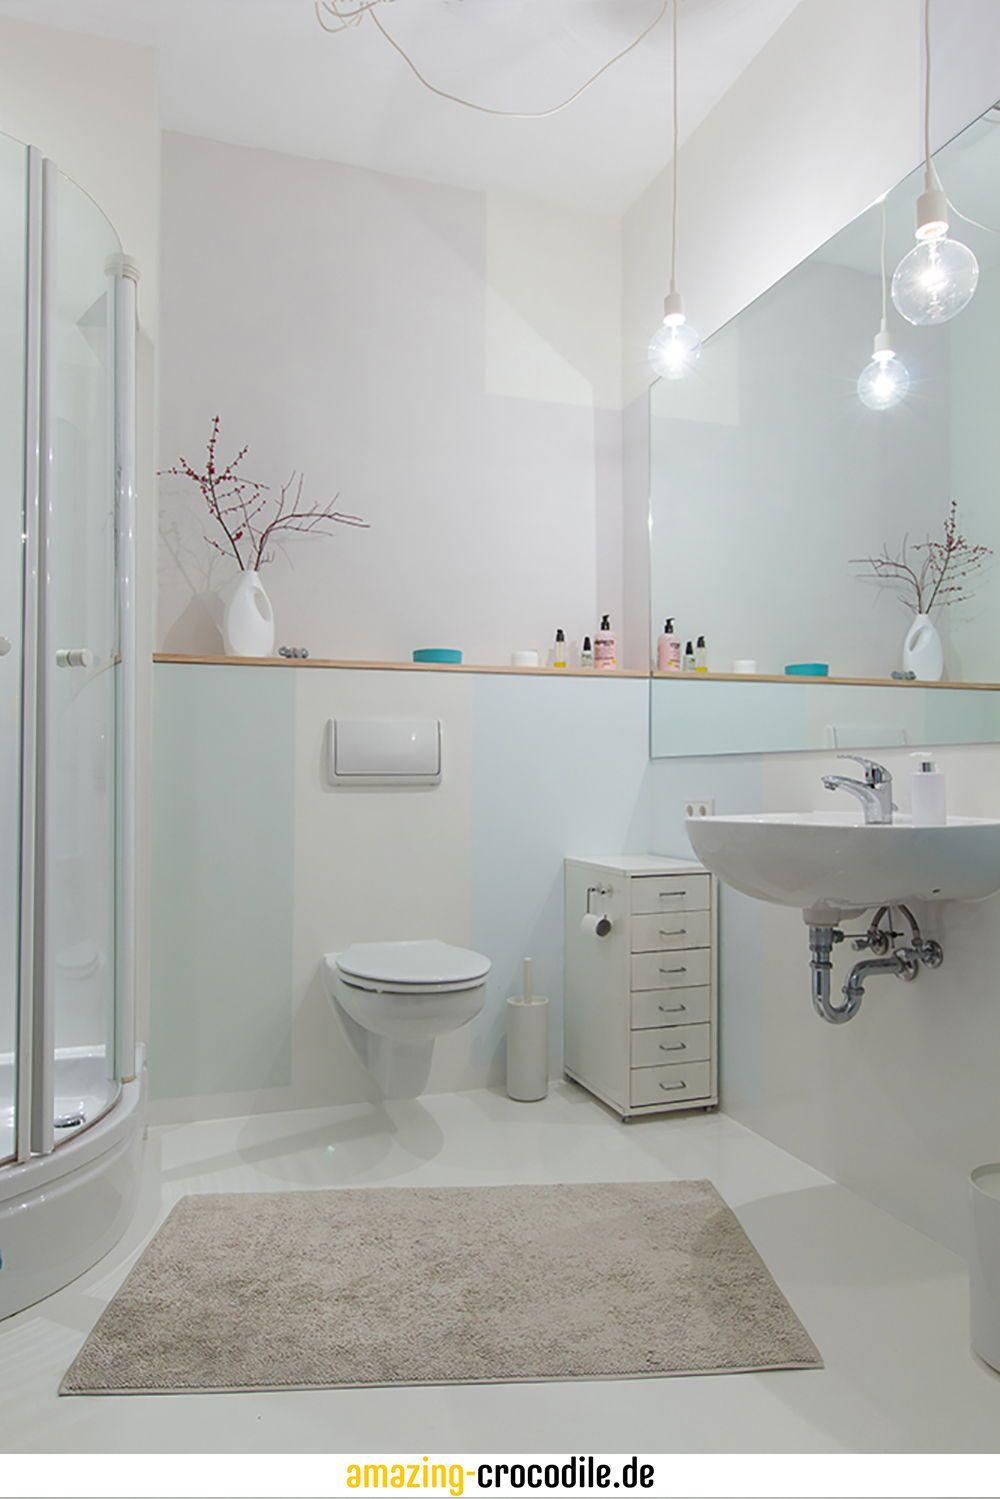 Innenliegendes Helles Bad Individuell In Verschiedenen Pastellfarben Gestrichen Der Spiegel Vergrossert Das Bad Optisch Stauraum Badgestaltung Bad Badezimmer